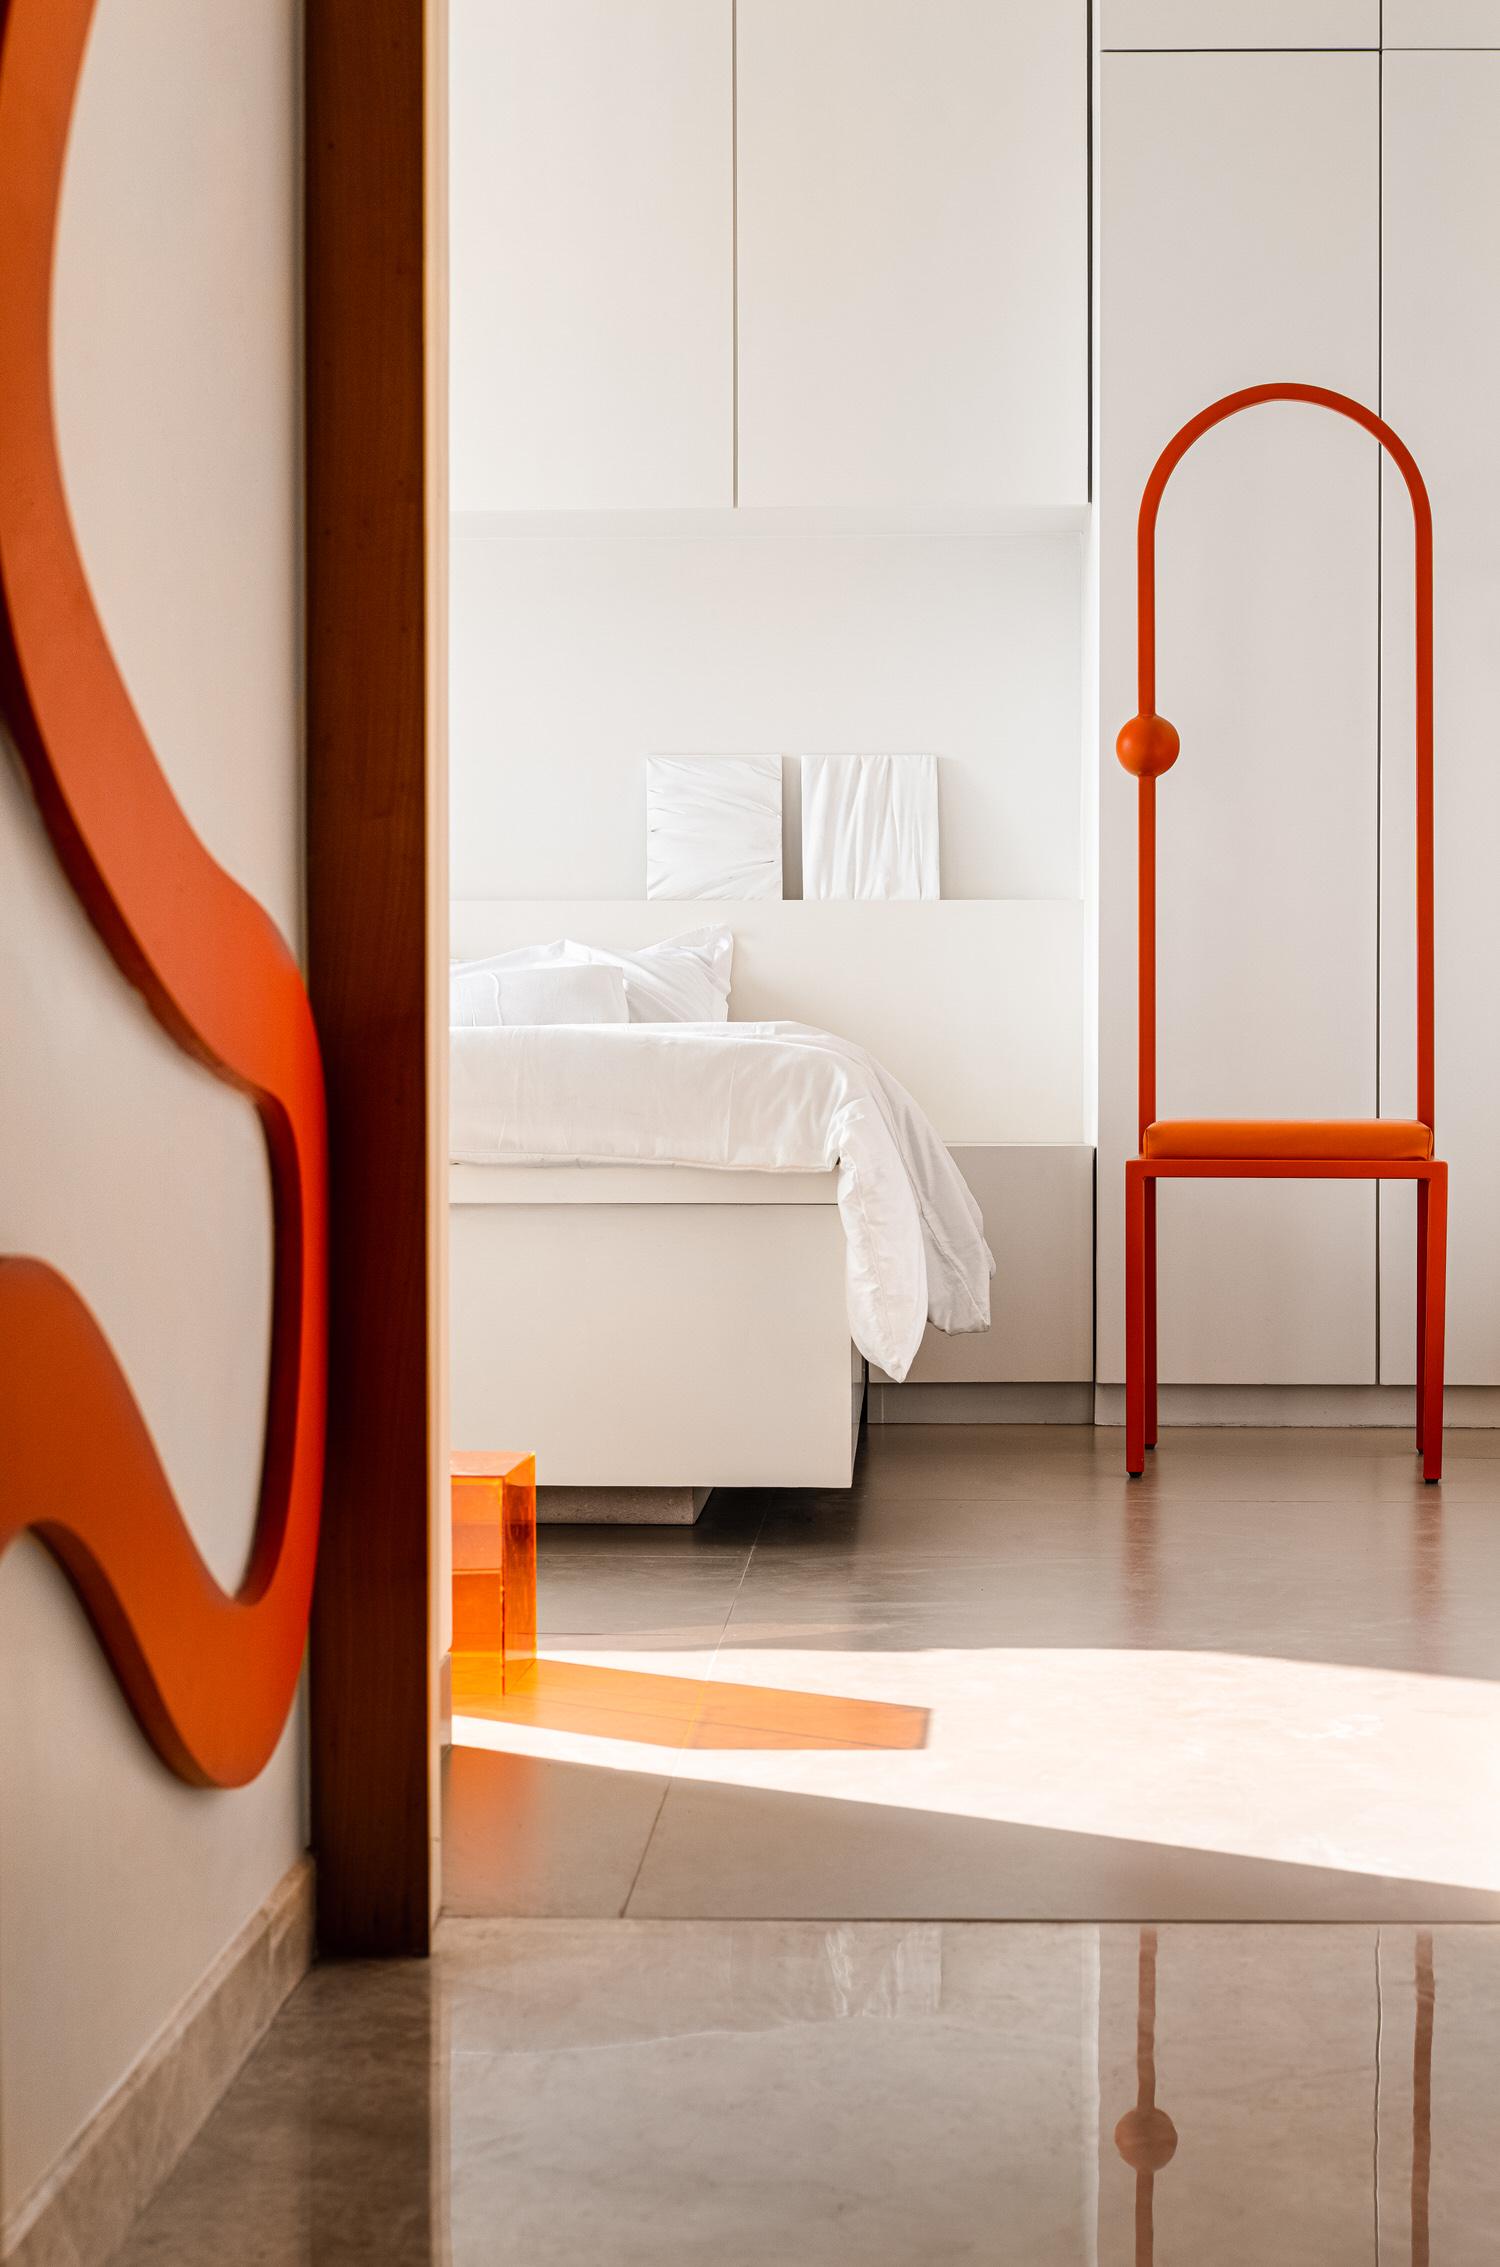 The Act Of Quad Mumbai Apartment Interior Design Yellowtrace 05